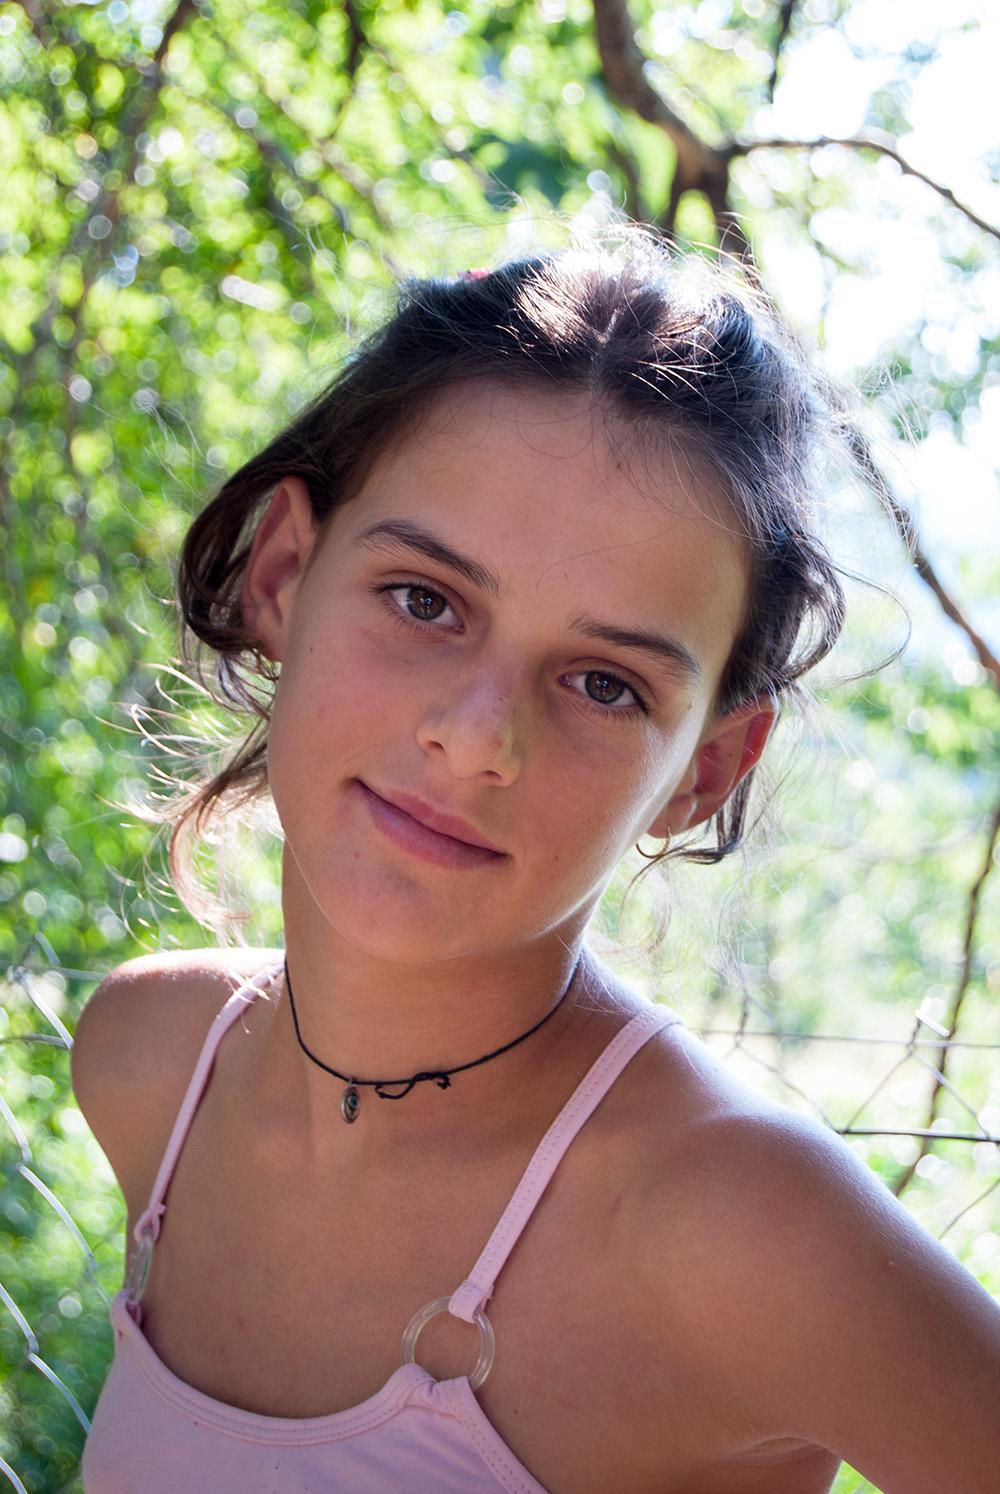 Portrait of a Girl, Orosh Mirditë, © alketa misja photography 2008